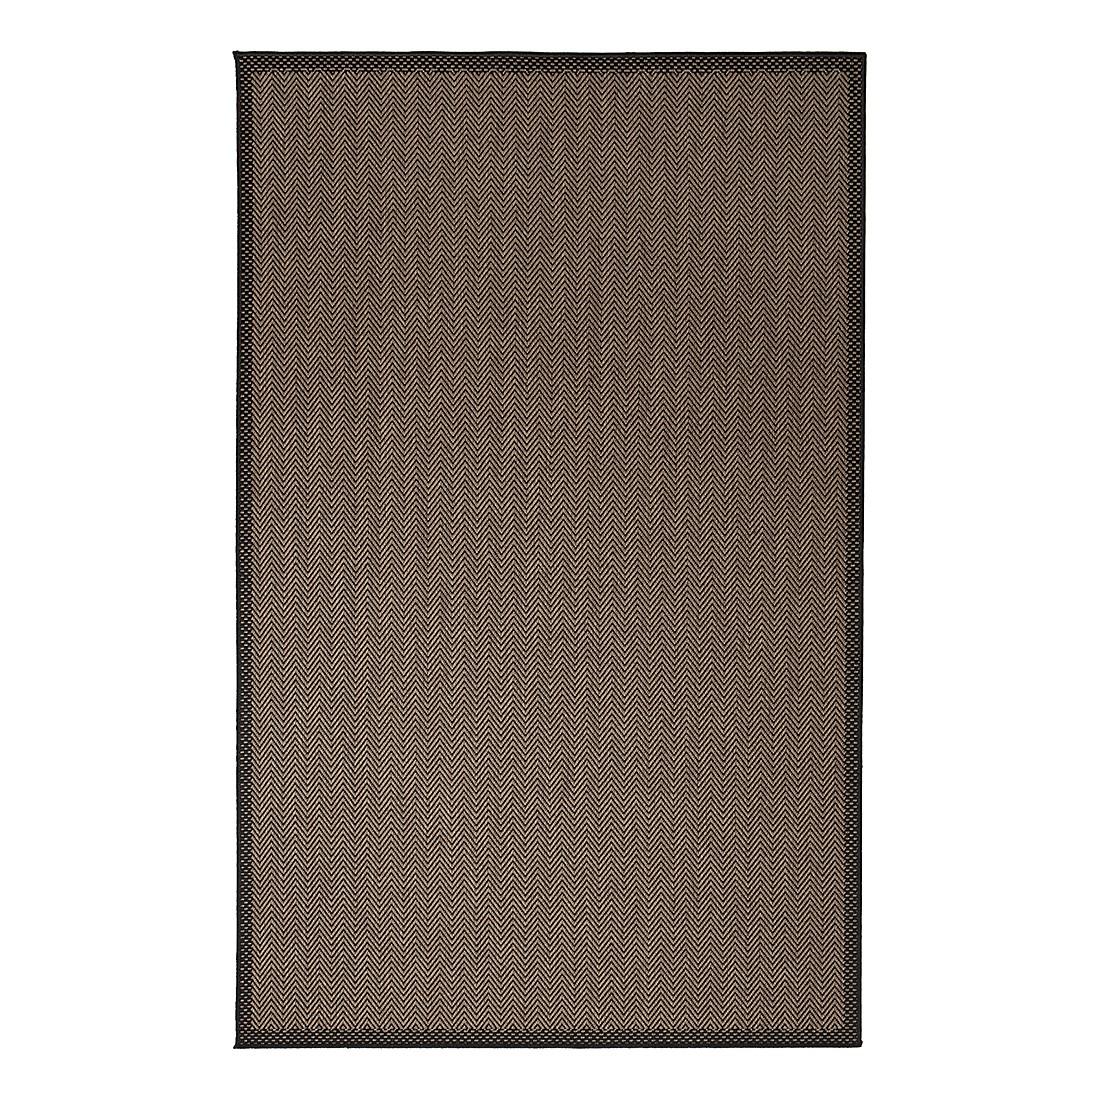 Teppich Carpetto I – Braun – 160 x 230 cm, Astra online kaufen